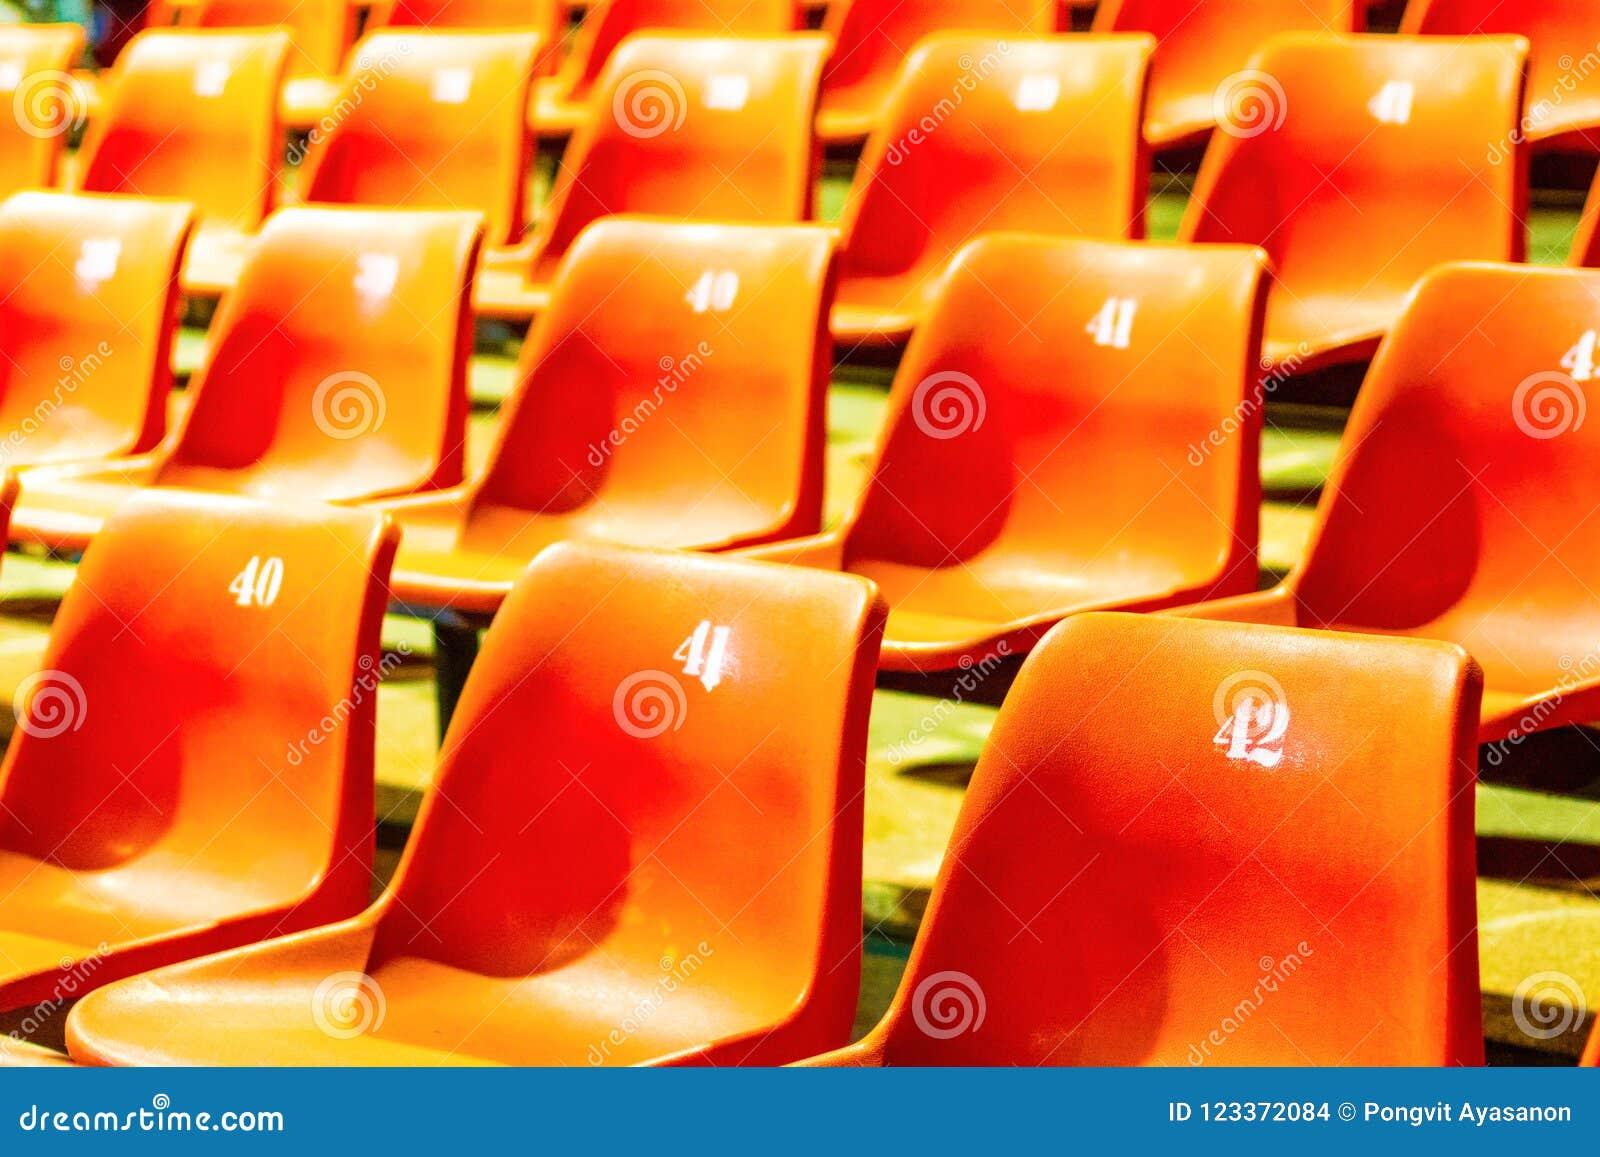 Enfileire a laranja plástica da cadeira com todos os números no grande ro da conferência